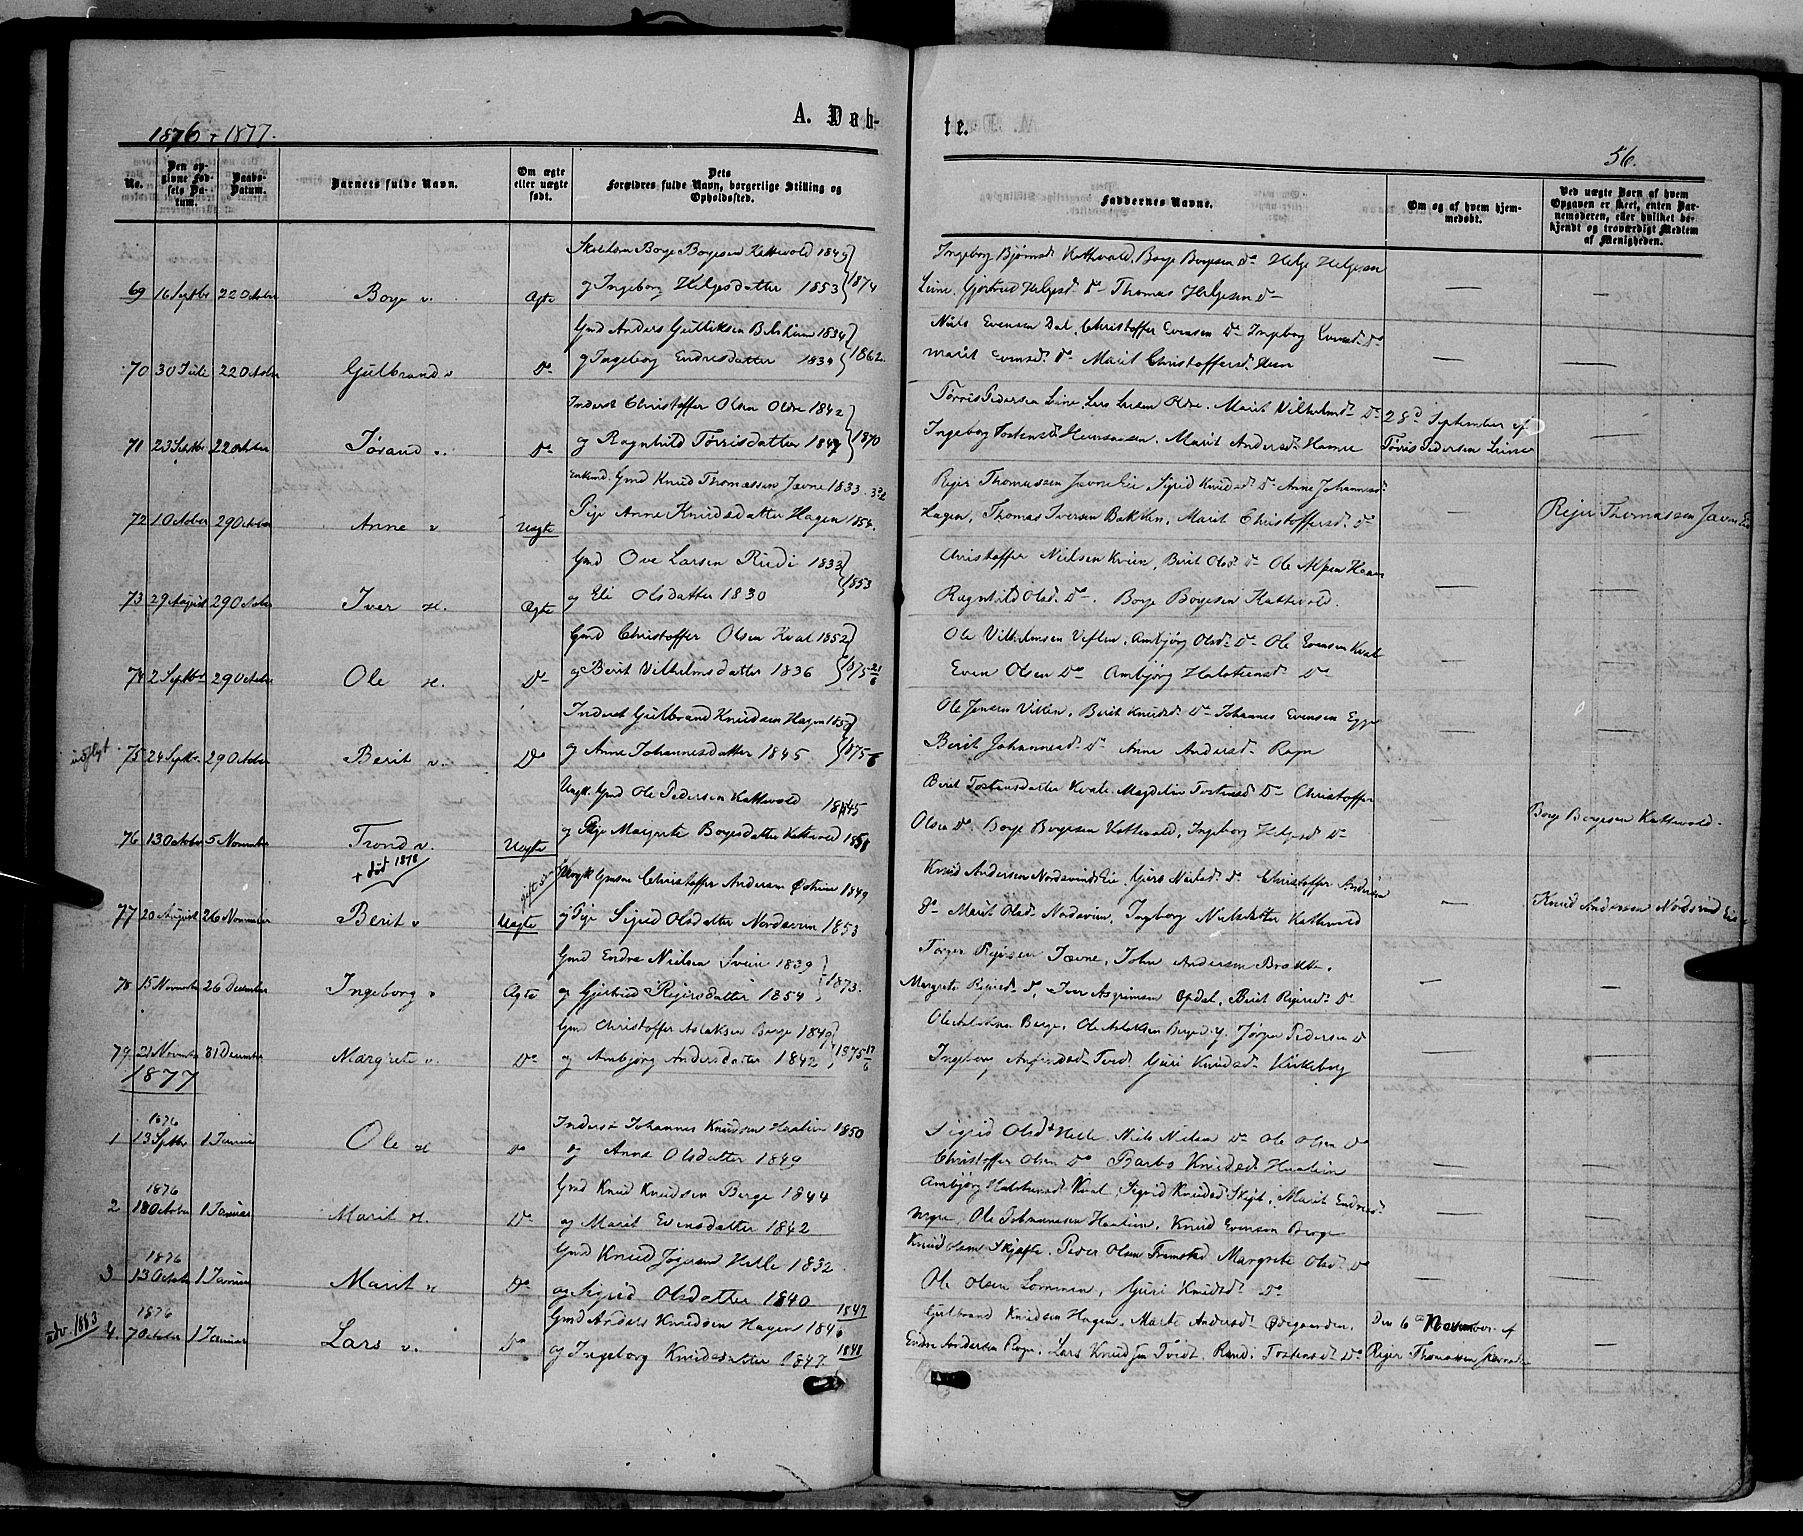 SAH, Vang prestekontor, Valdres, Ministerialbok nr. 7, 1865-1881, s. 56